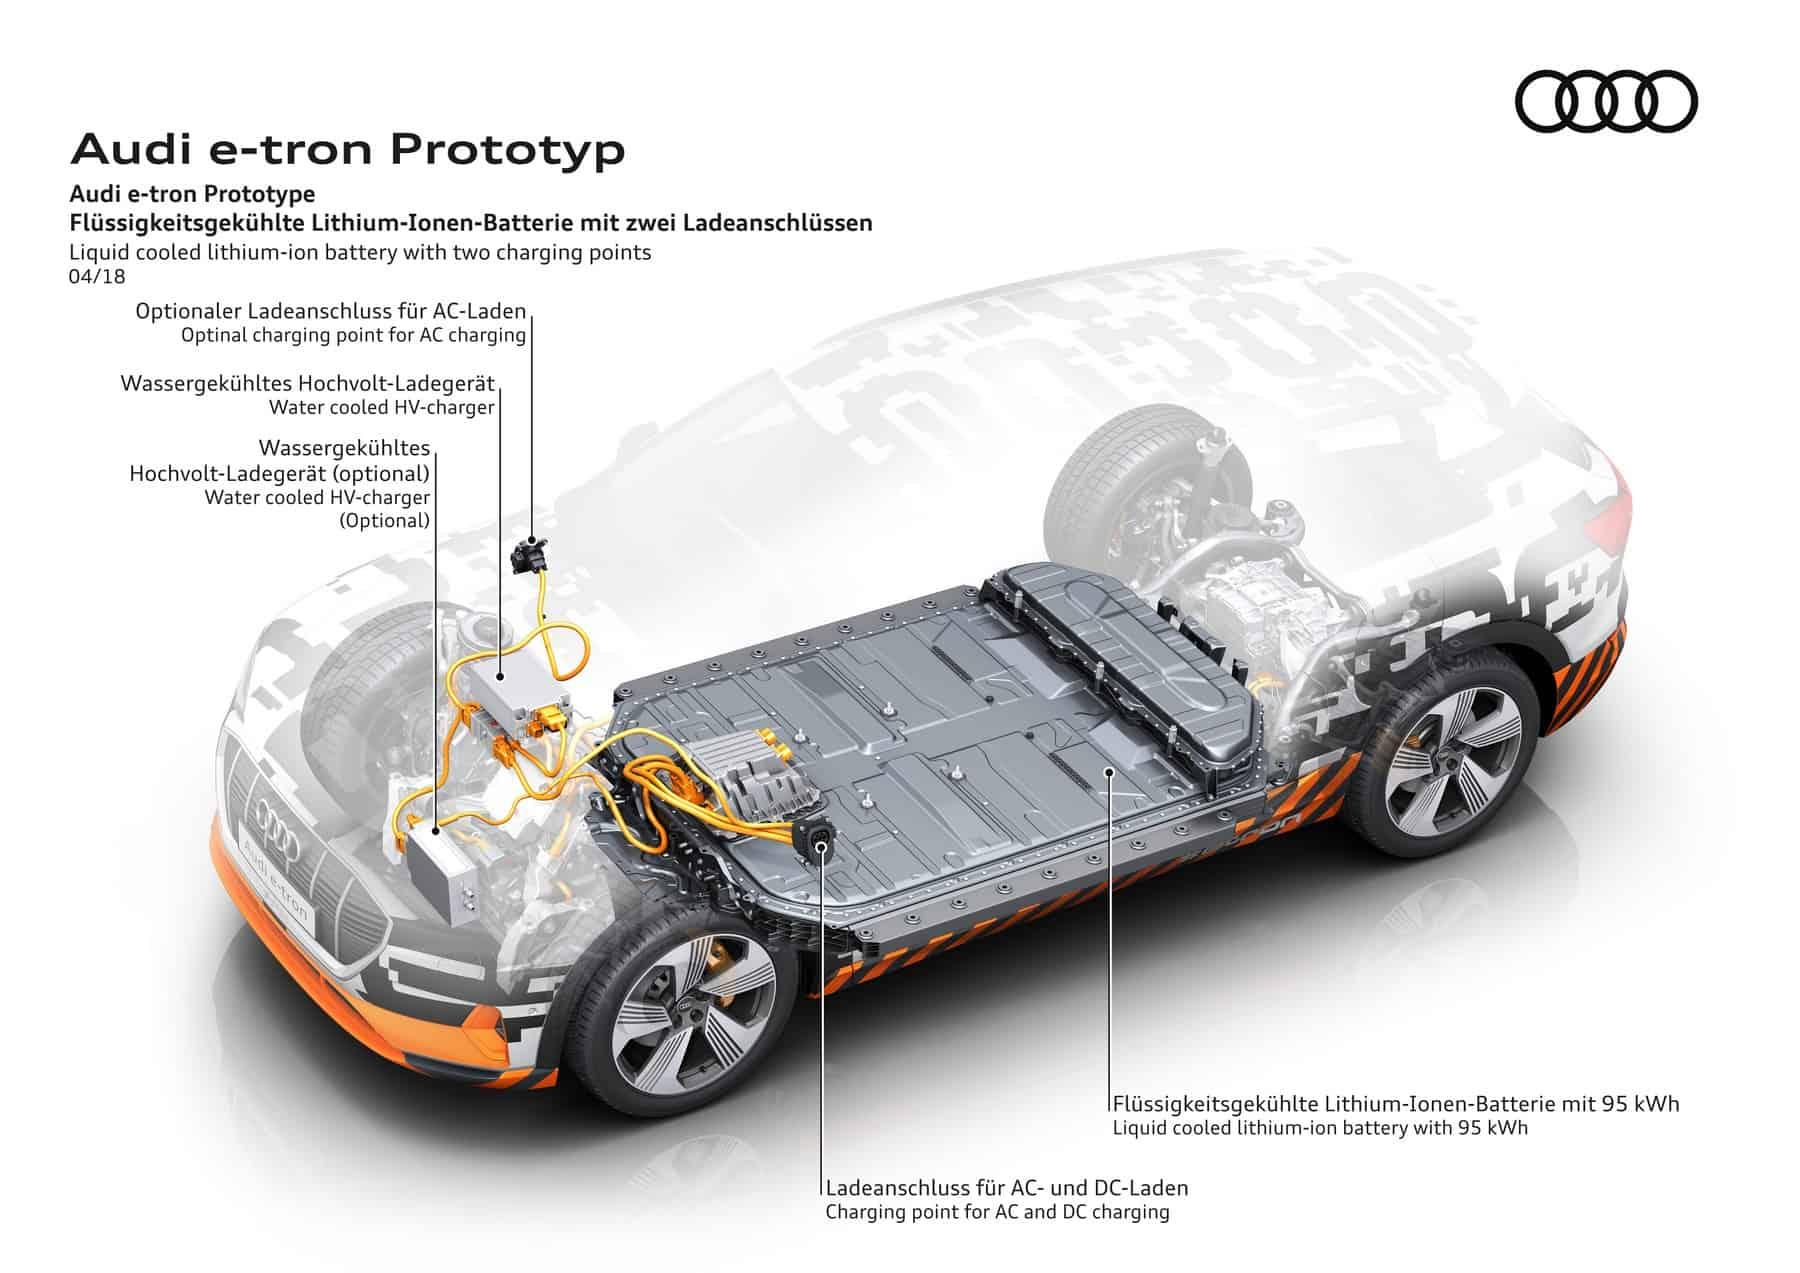 Audi e-tron Antriebsstrang